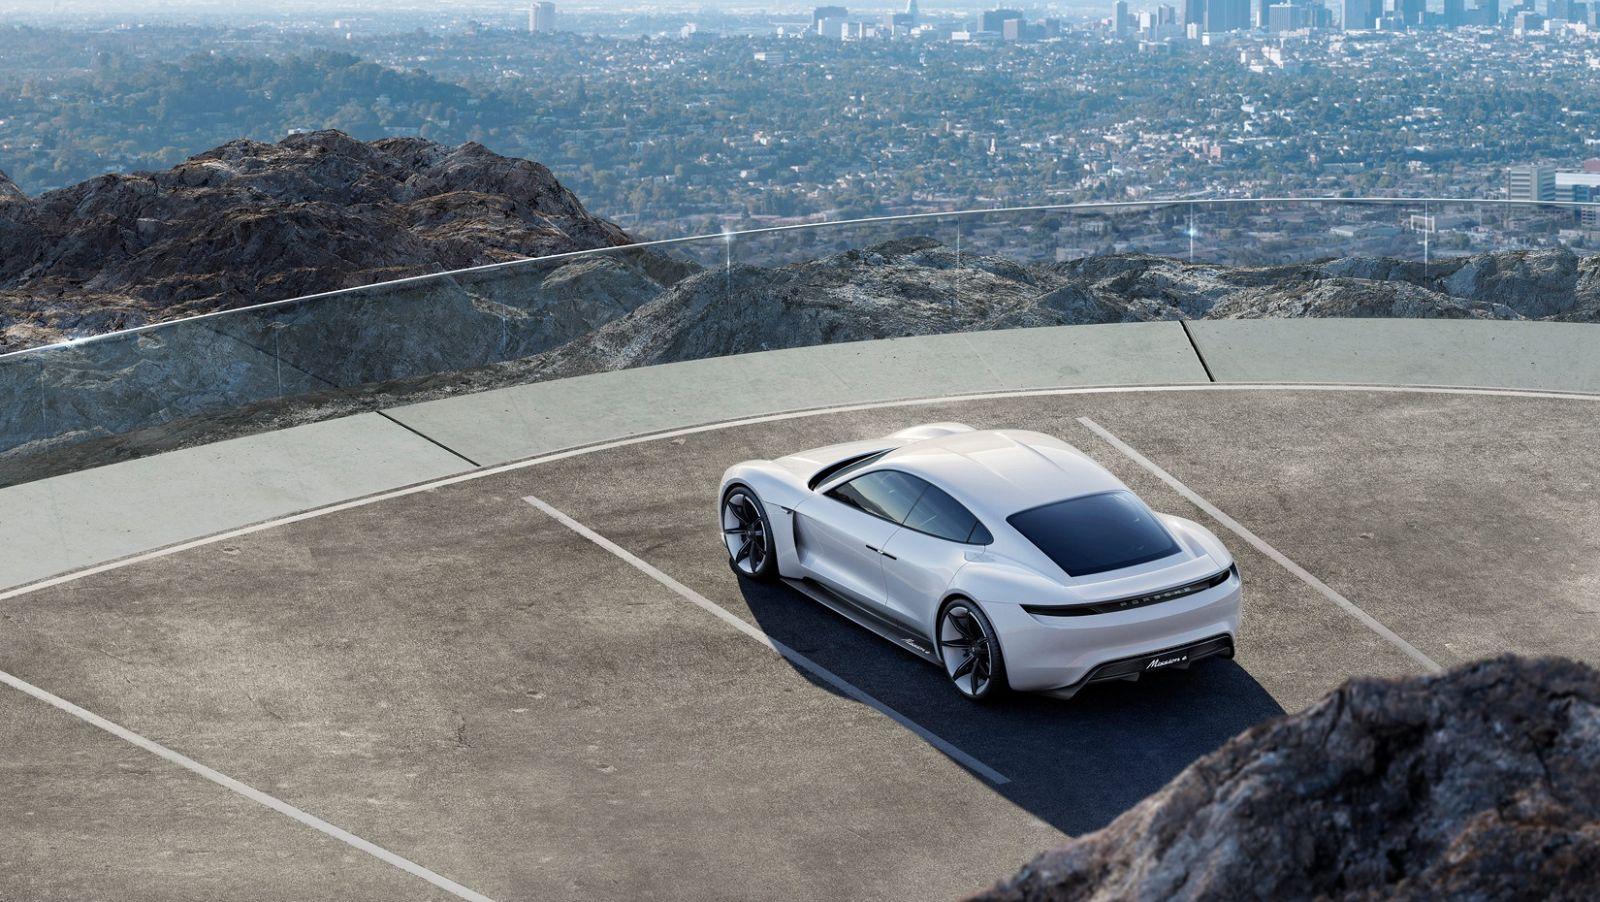 Veelbelovende Elektrische Auto S Voor 2018 2019 Update Activlease